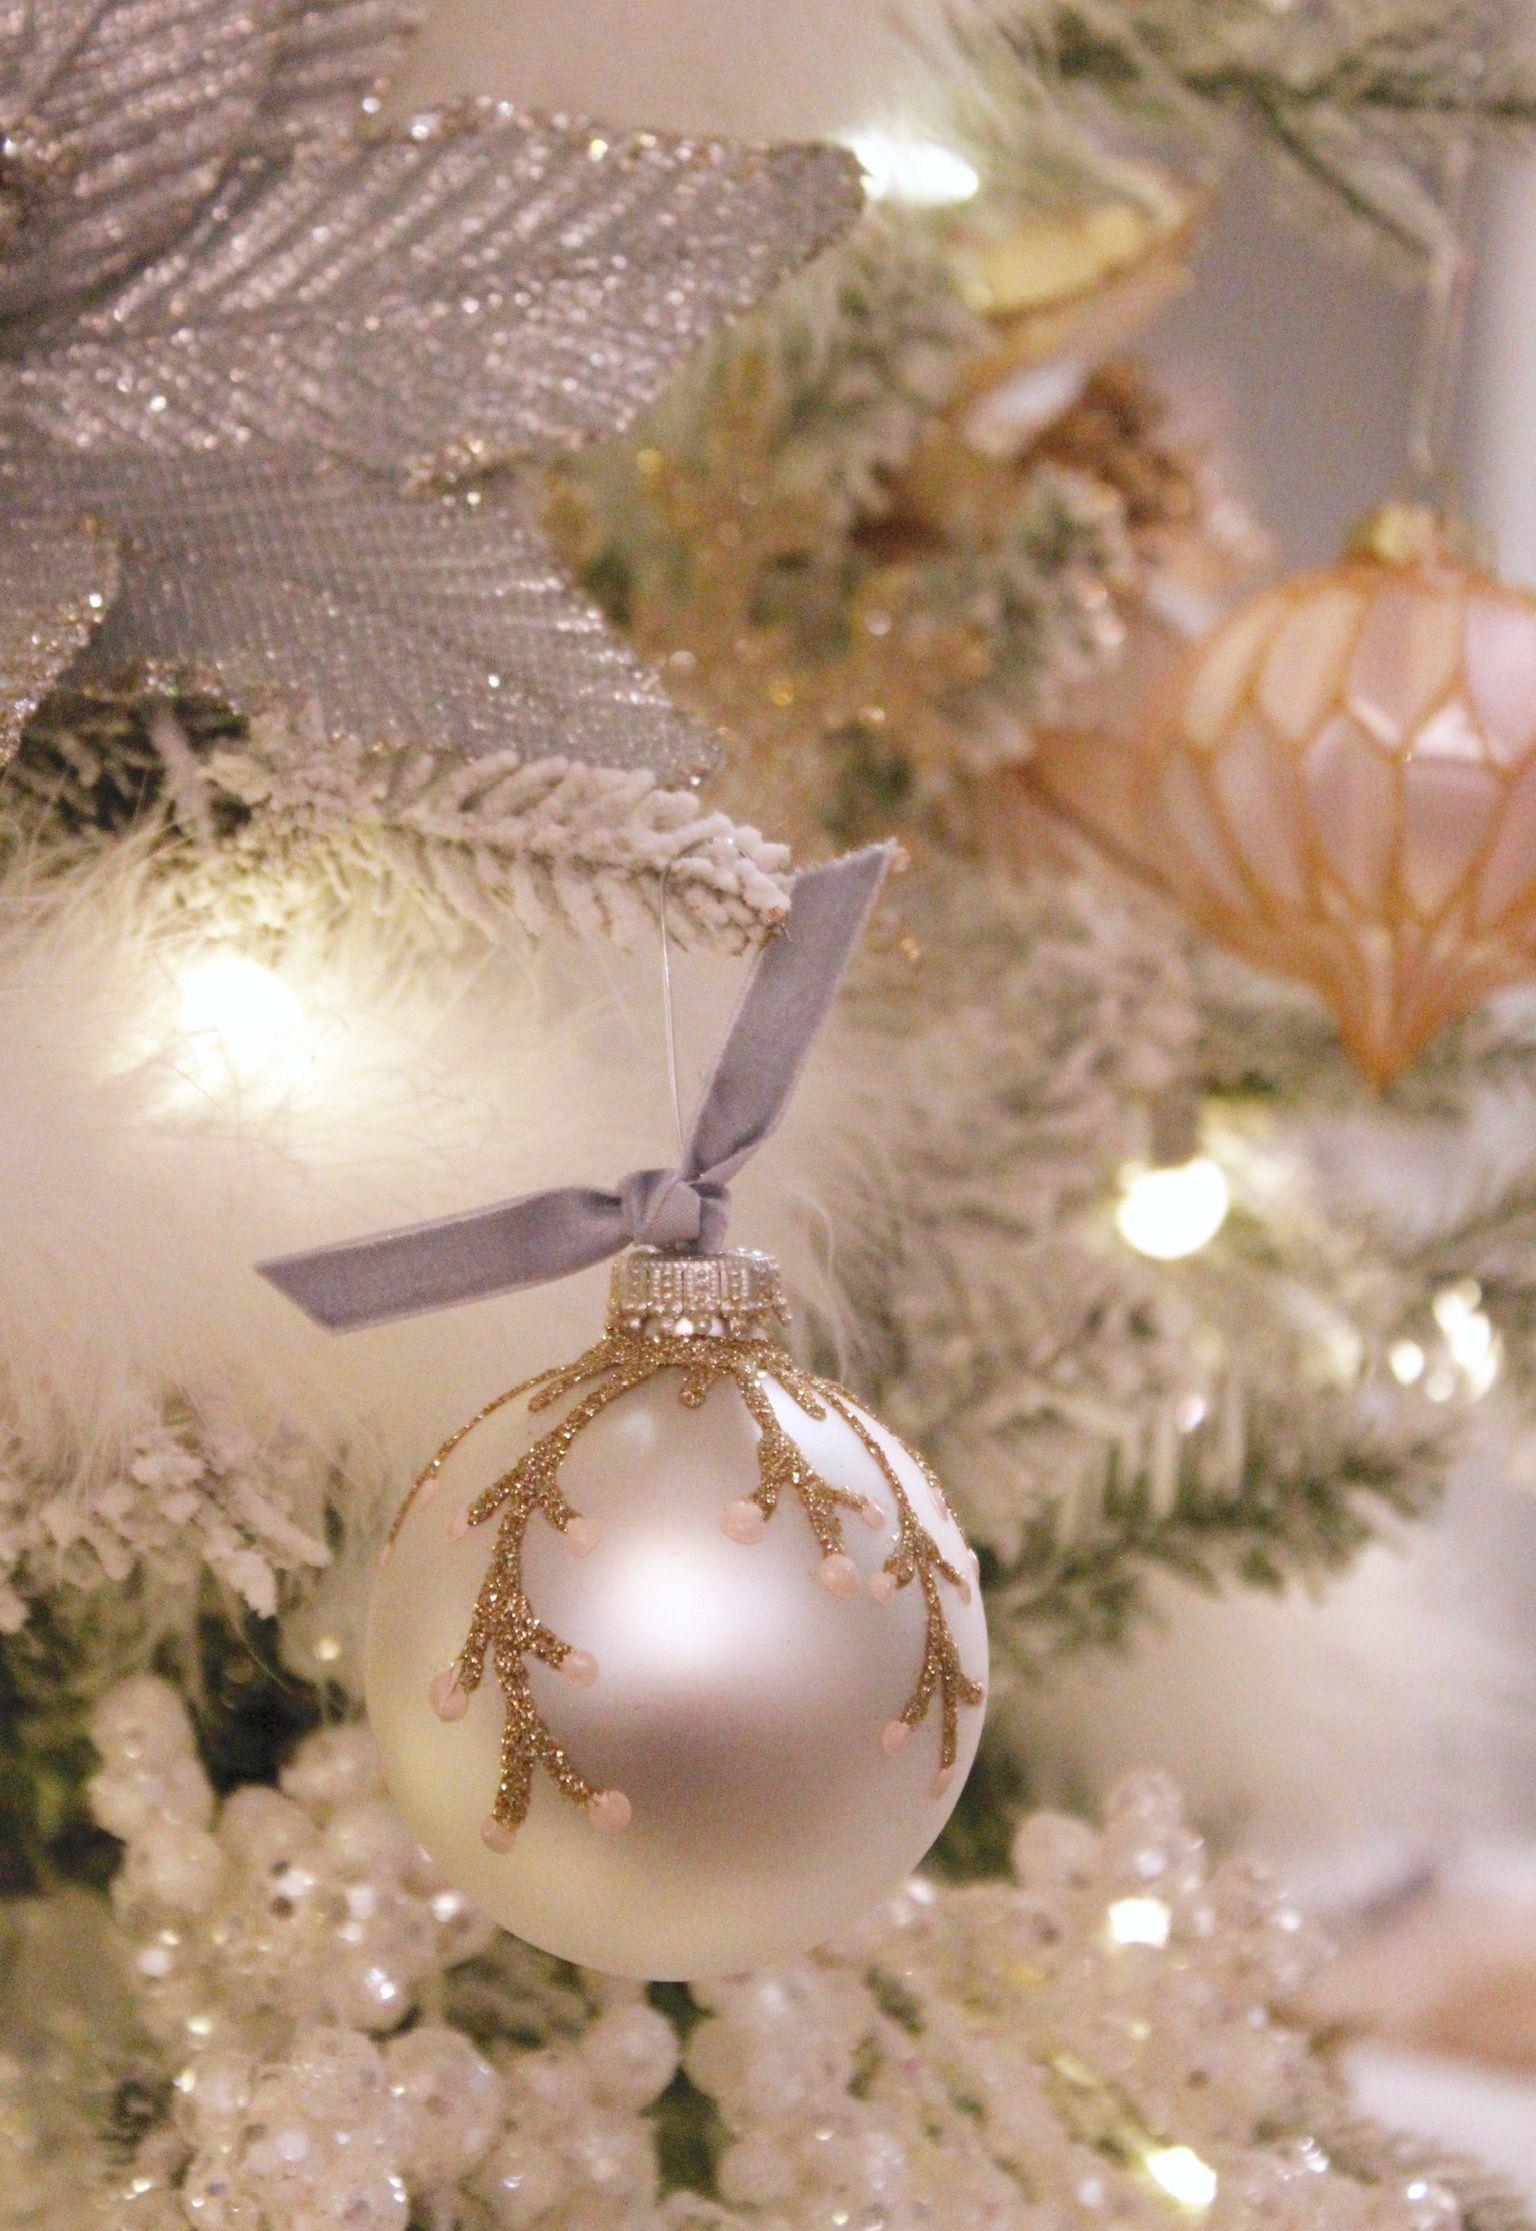 DIY Ornament With Glitter & Velvet Ribbon